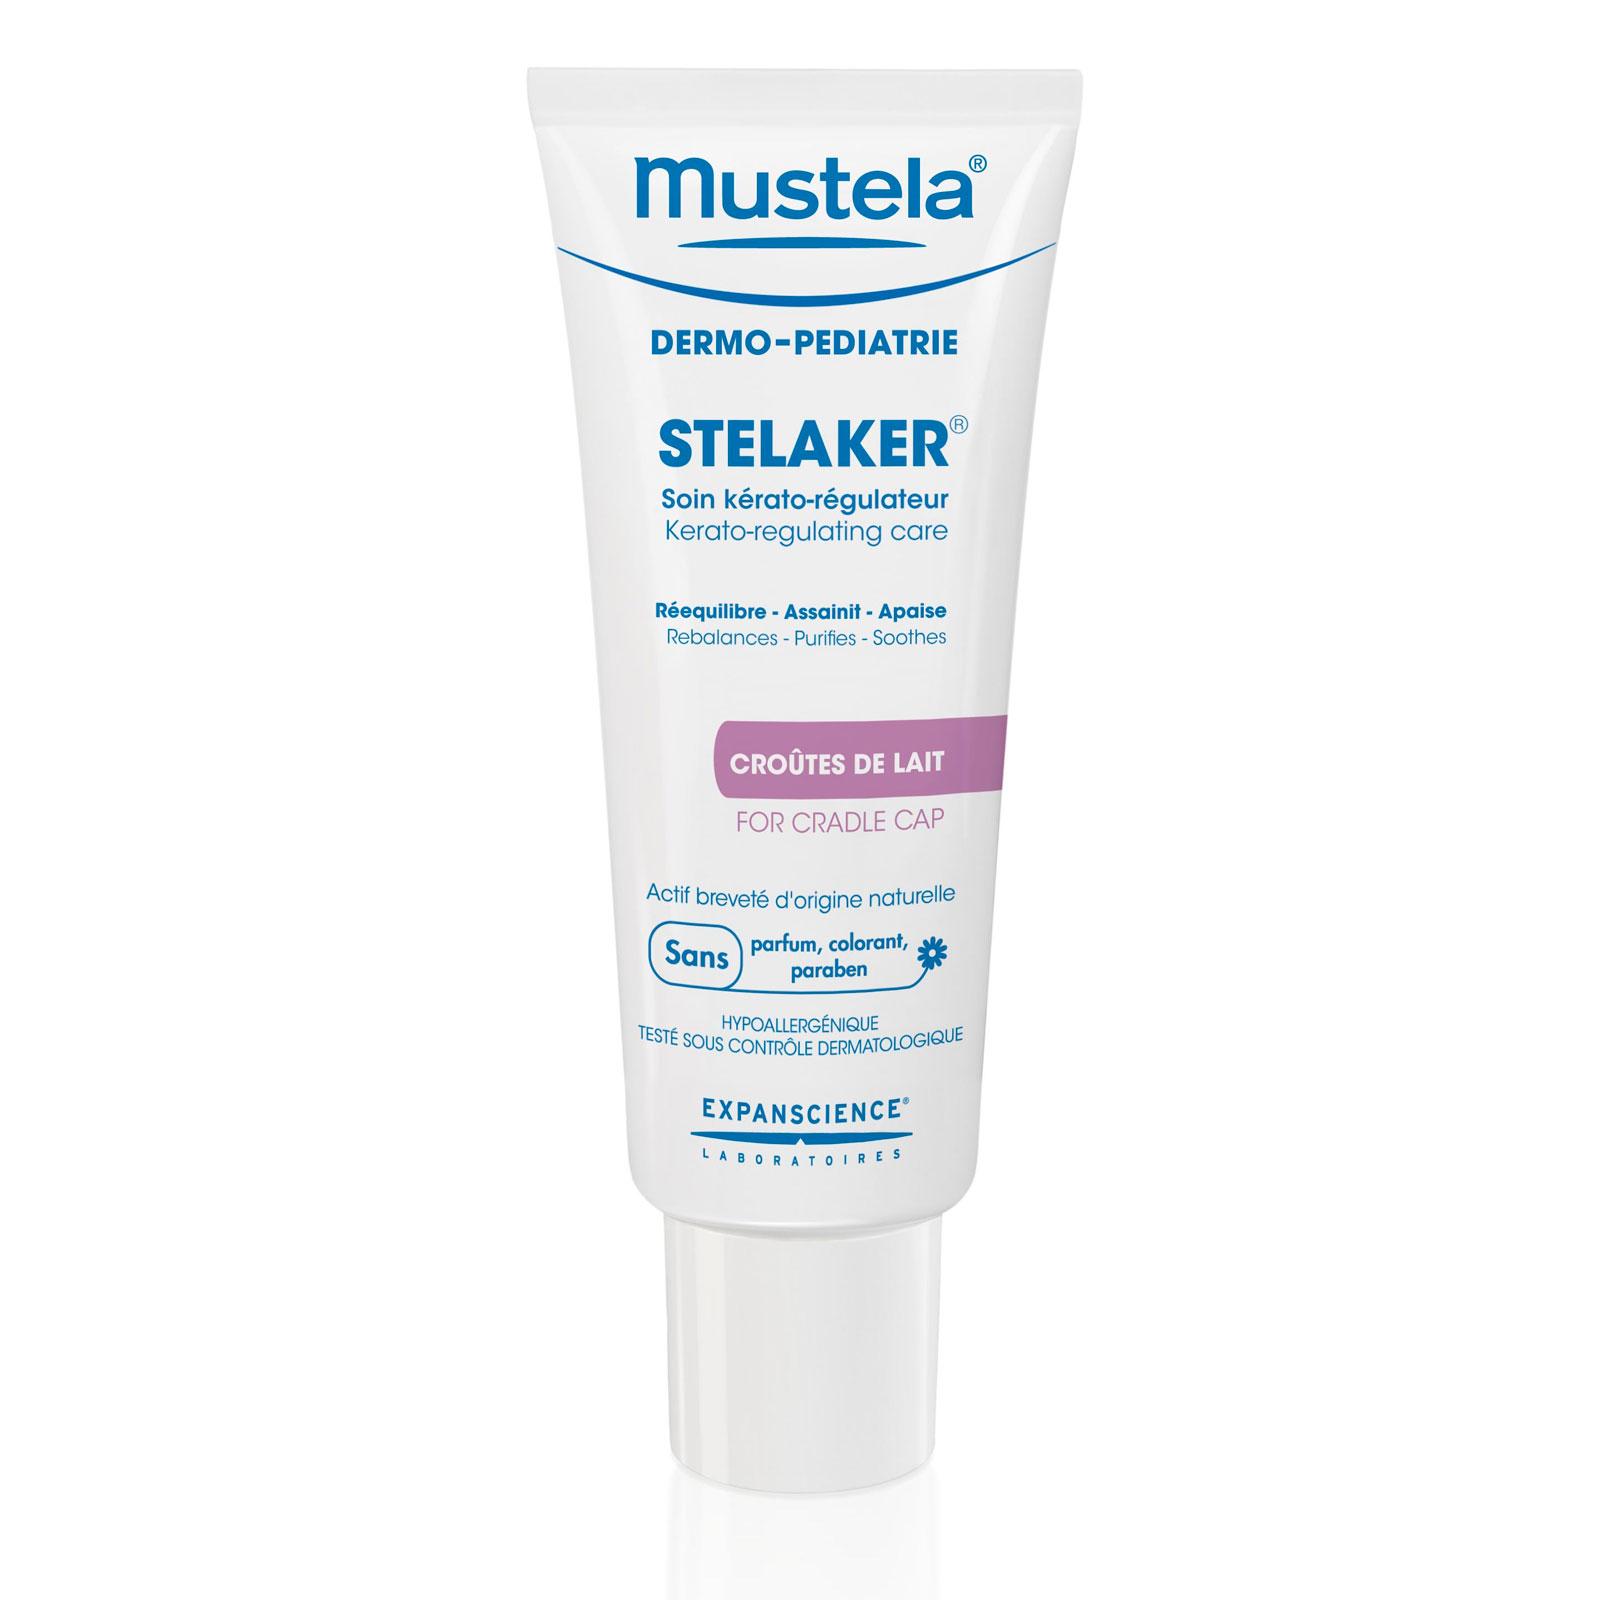 Крем Mustela Stelaker керато-регулирующий 40 мл для лица и тела